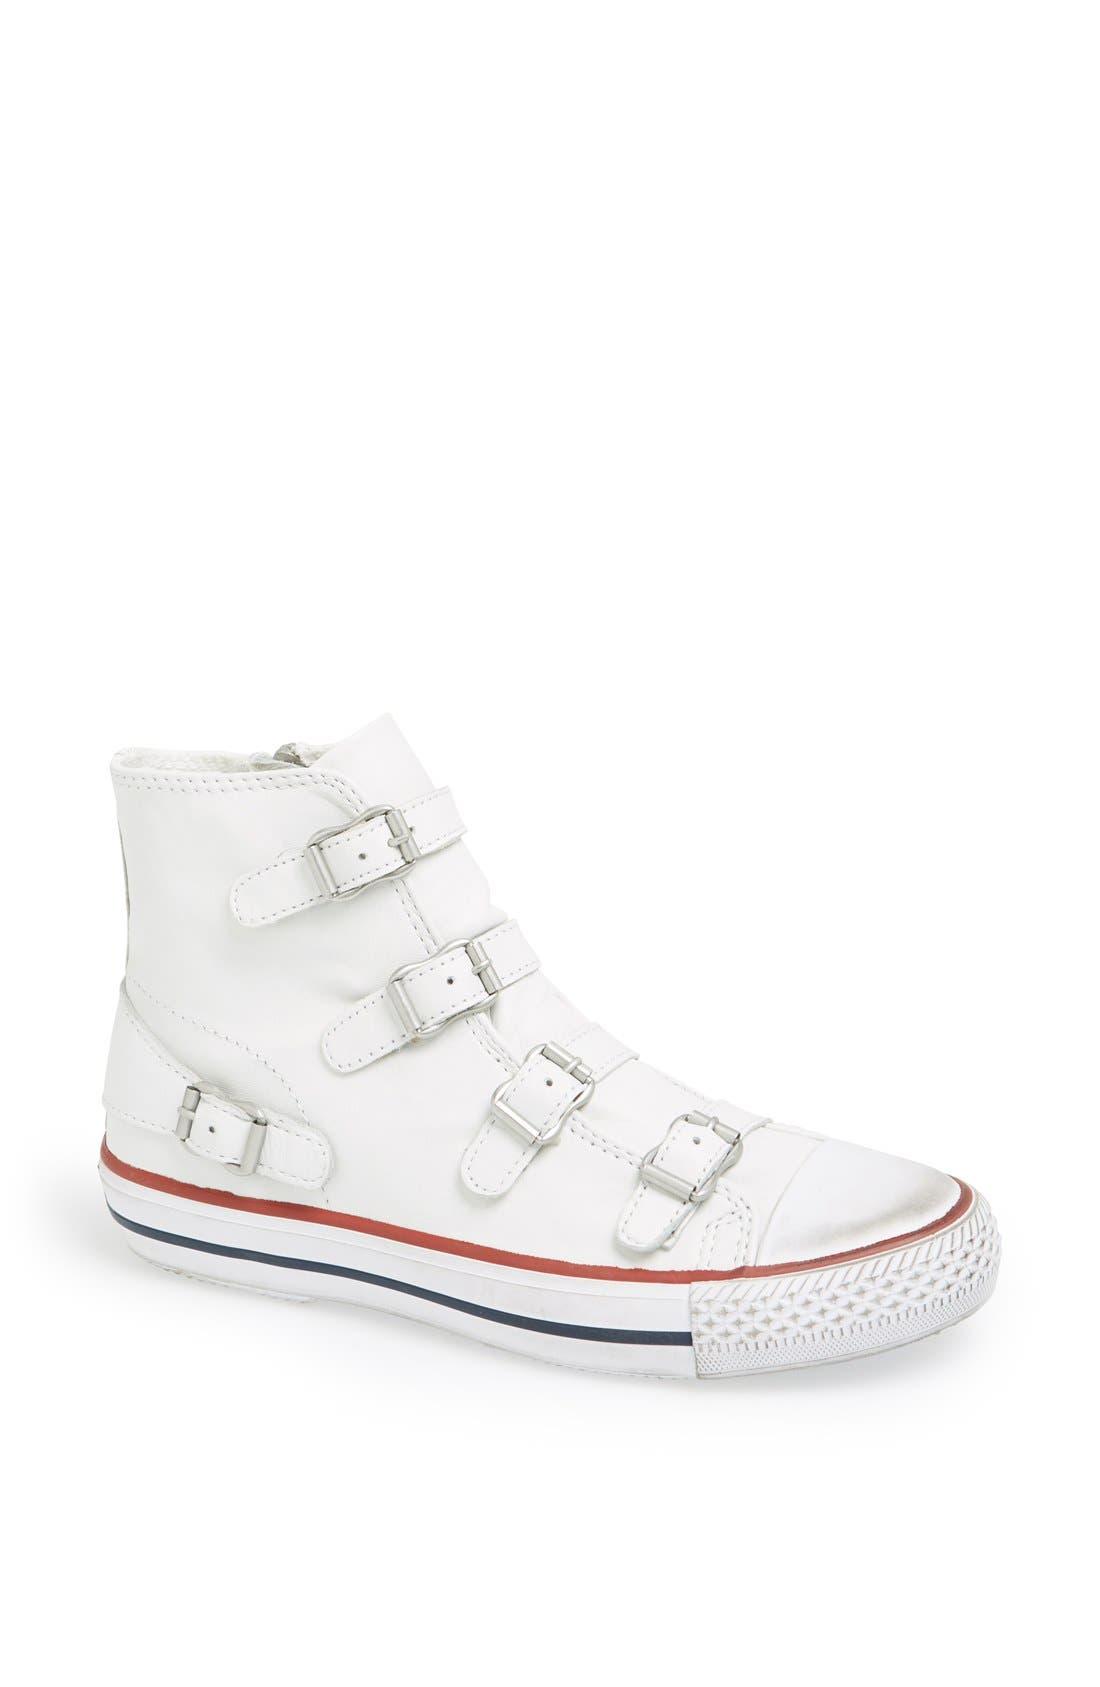 Alternate Image 1 Selected - Ash 'Virgin' Sneaker